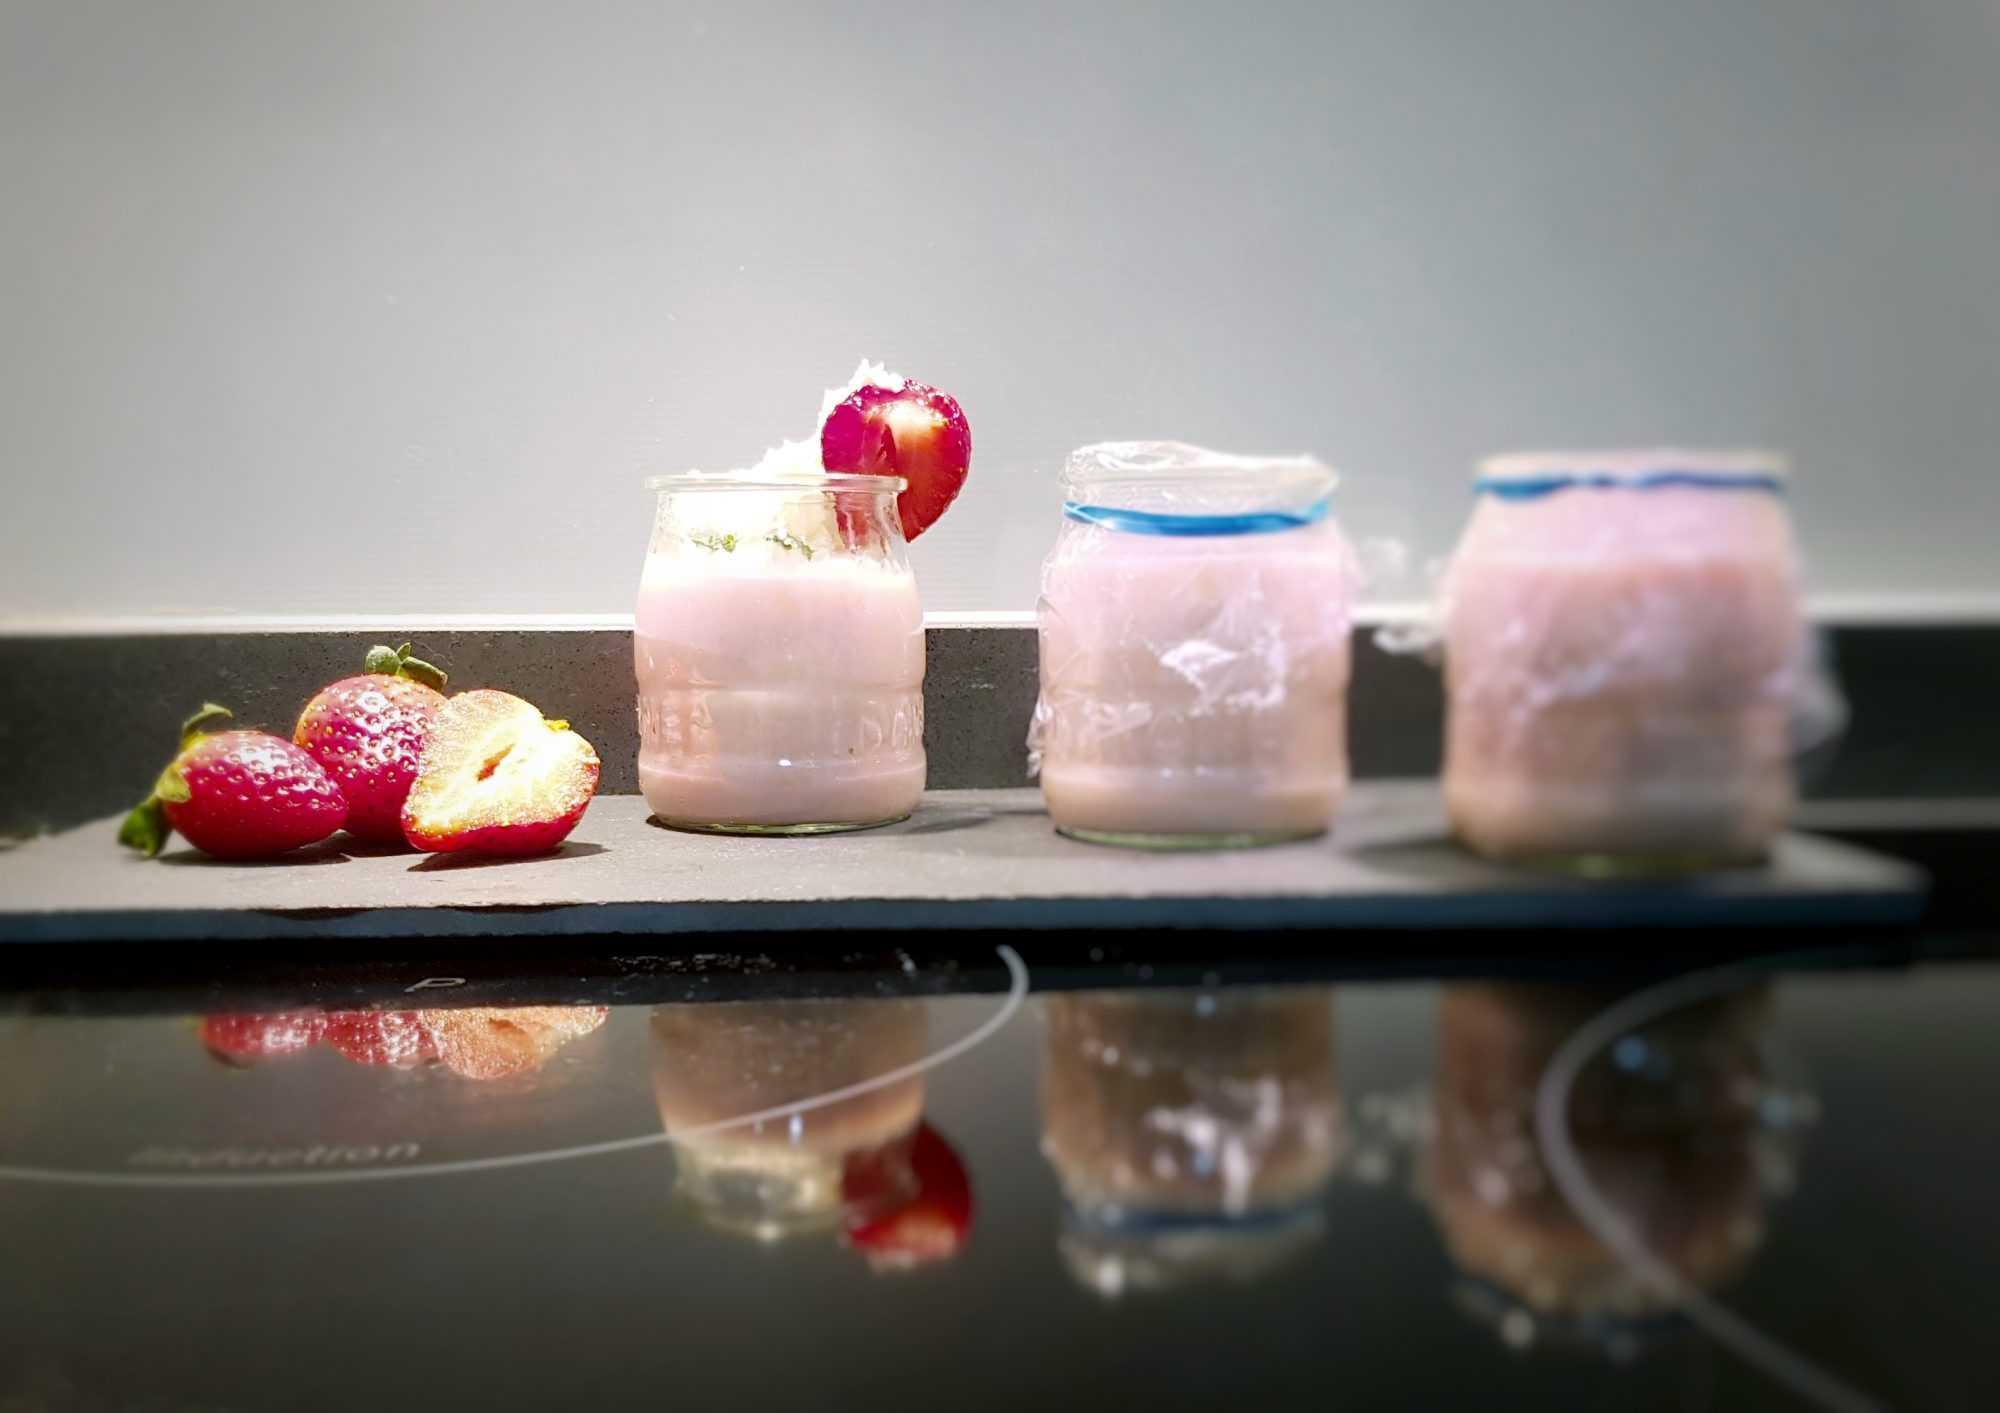 recopilatorio de natillas en la thermomix